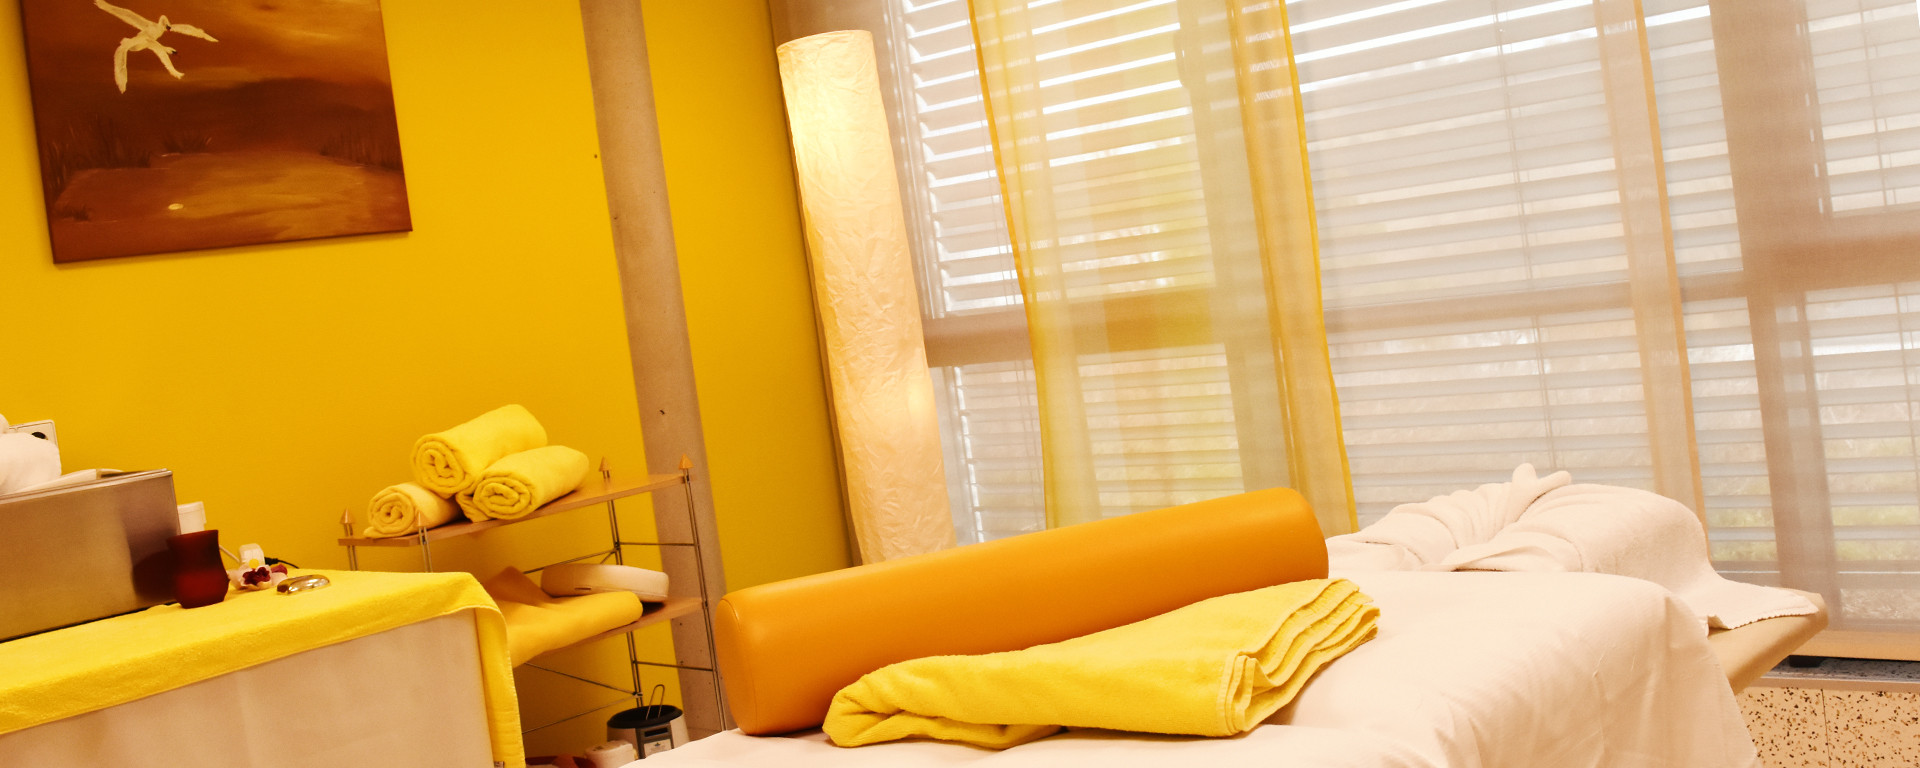 Wellness & SPA im SAVOY Hotel Bad Mergentheim: Genießen Sie die Ruhe unseres Hauses.